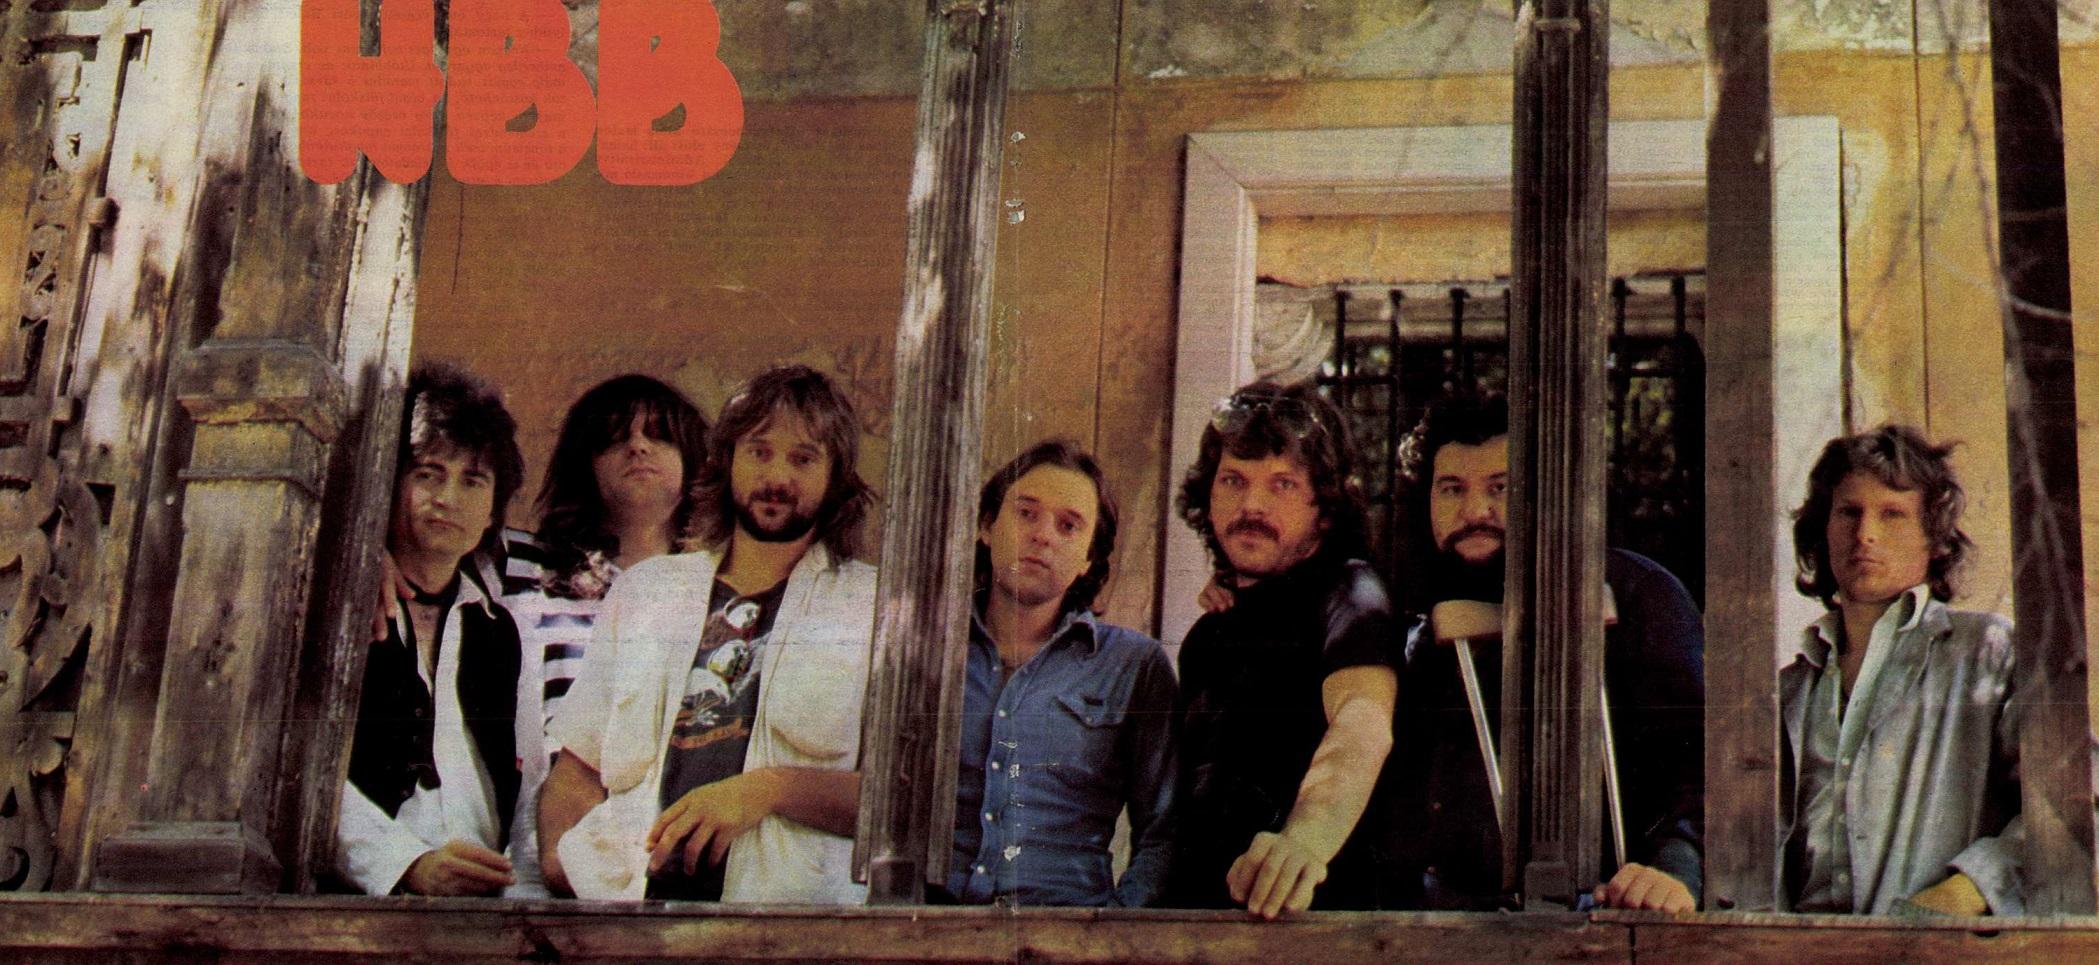 idokapszula_nb_i_1982_83_tavaszi_zaras_edzoi_gyorsmerleg_2_hobo_blues_band.jpg